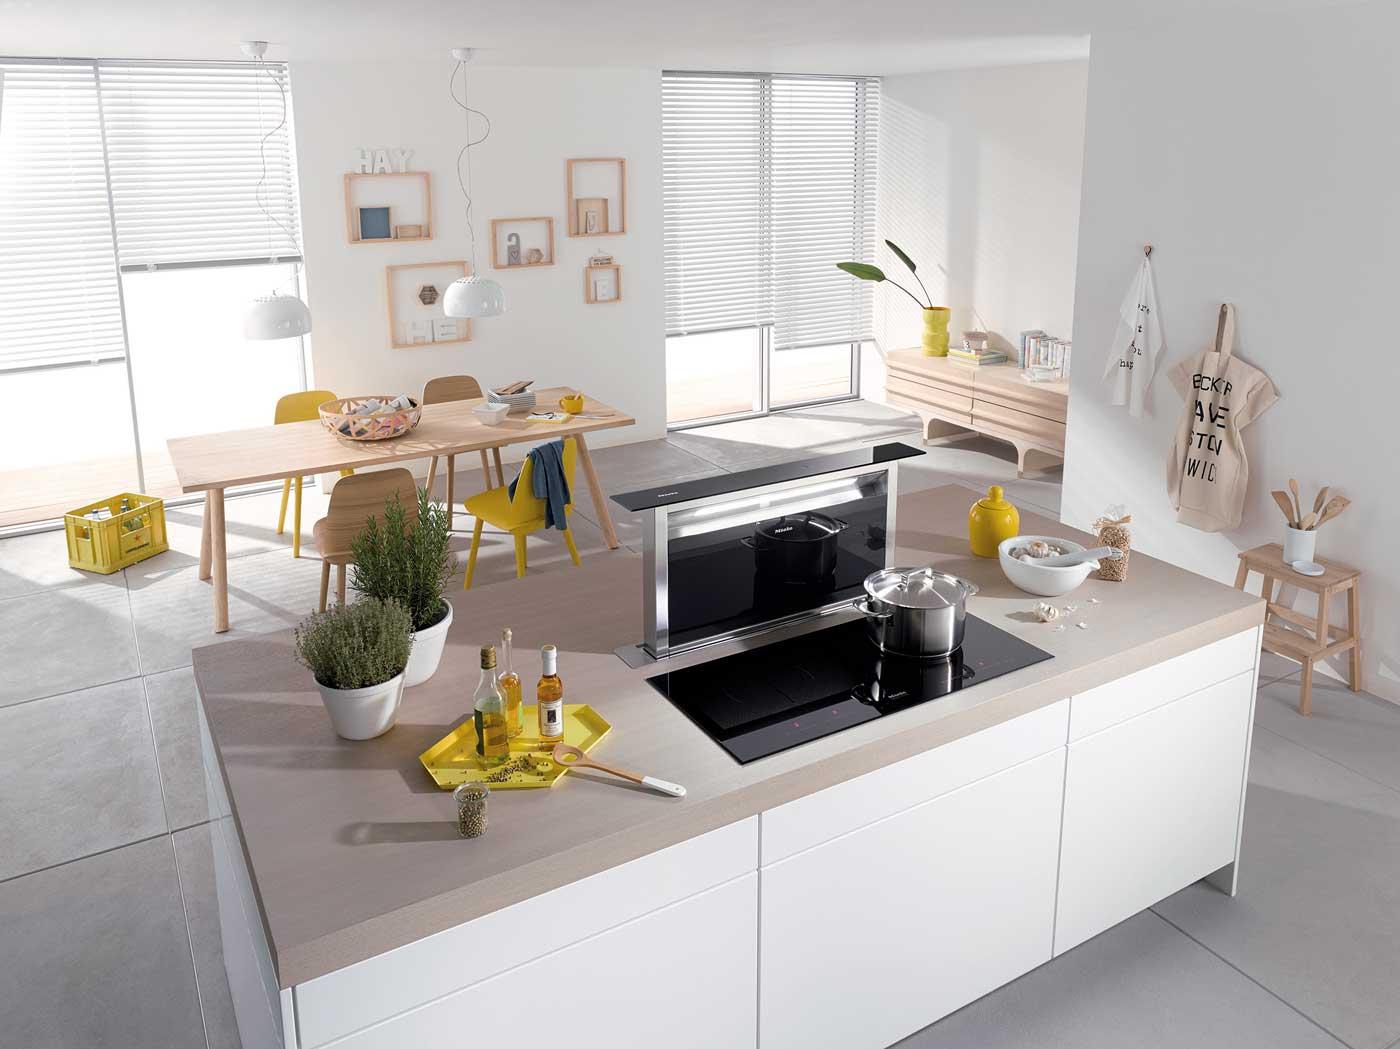 faire une table avec un plan de travail amazing faire une table avec un plan de travail with. Black Bedroom Furniture Sets. Home Design Ideas